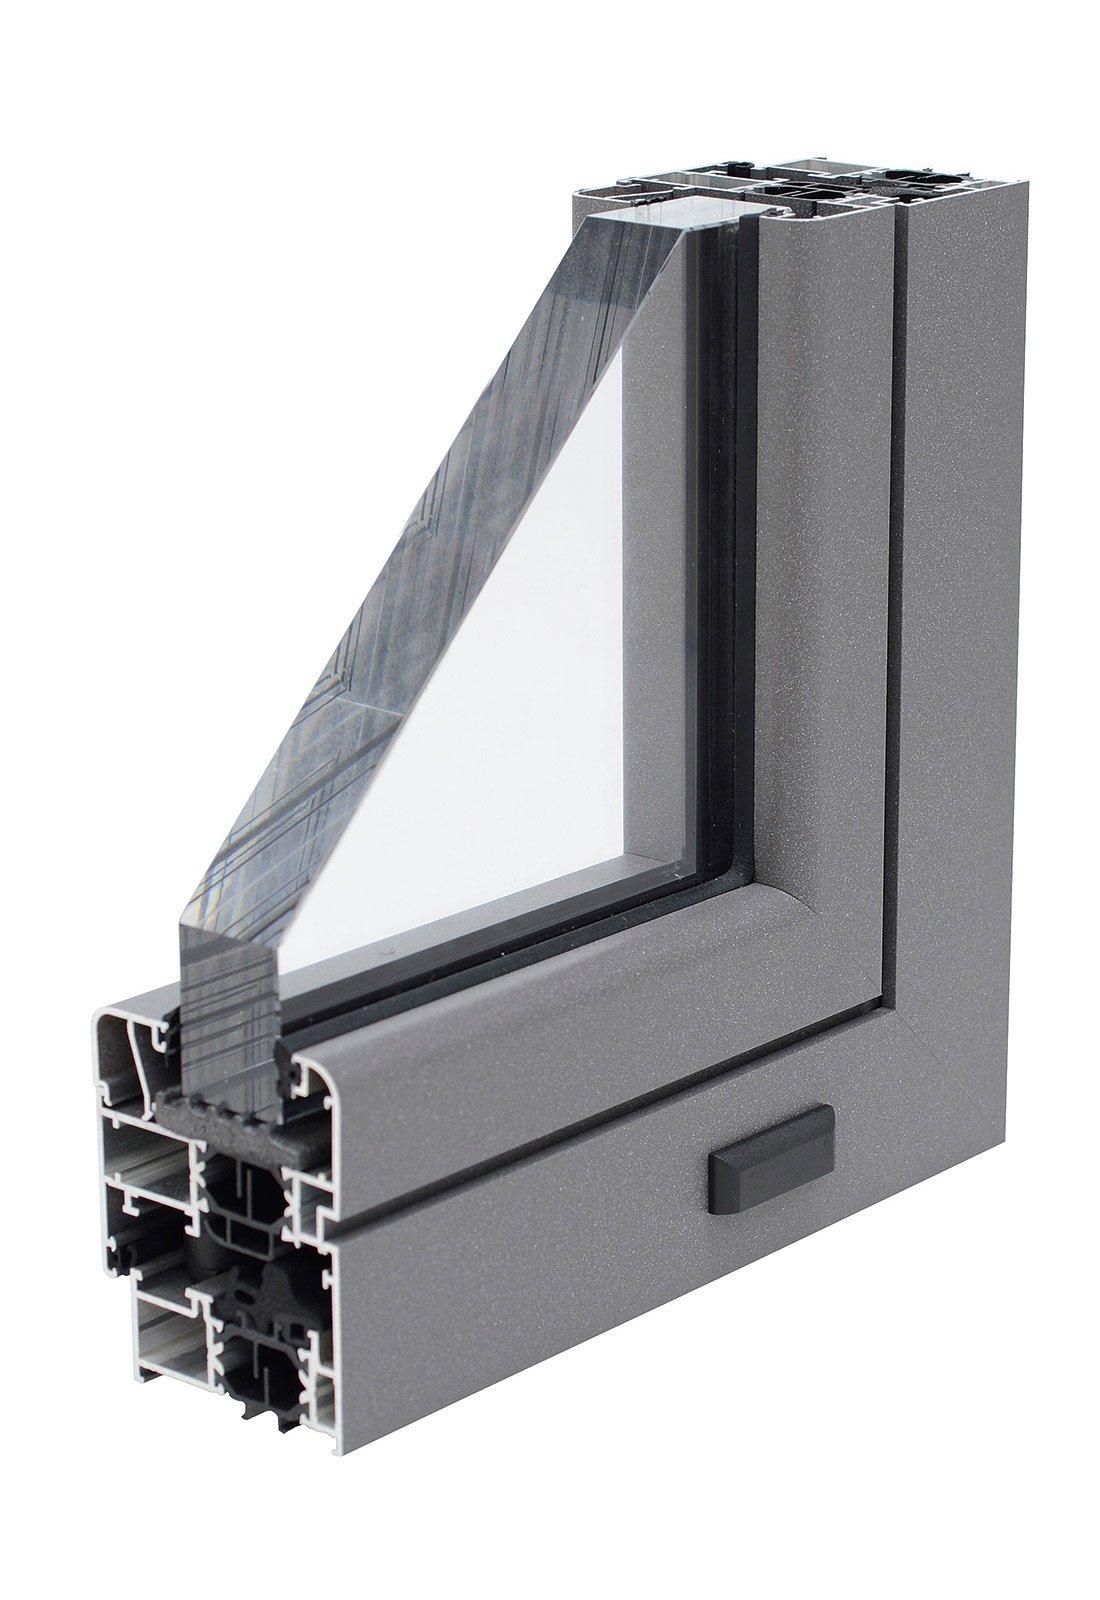 Scegliere le finestre isolanti per evitare dispersione e risparmiare sui consumi  Cose di Casa